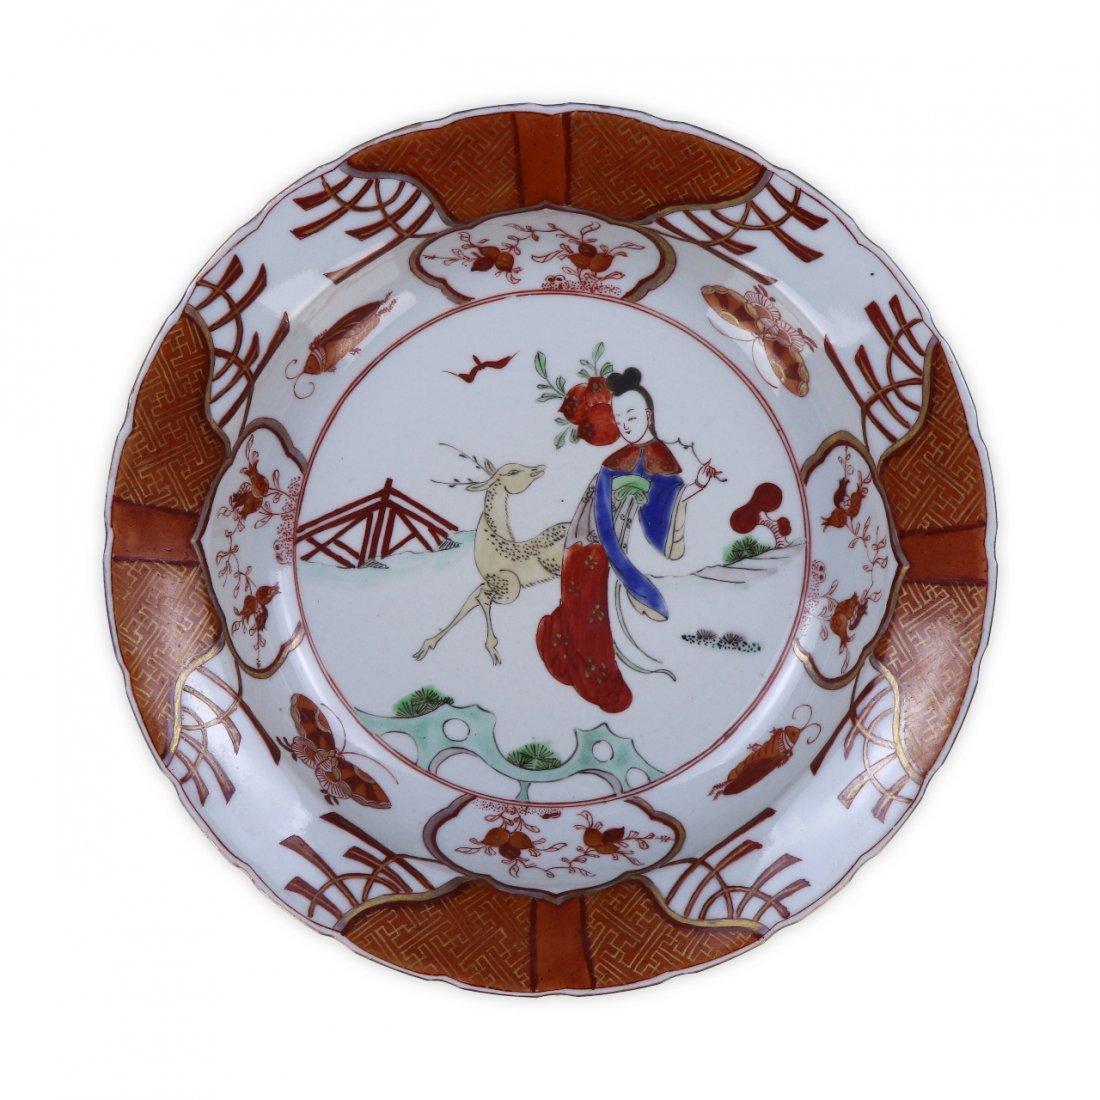 A Japanese Antique Porcelain Plate